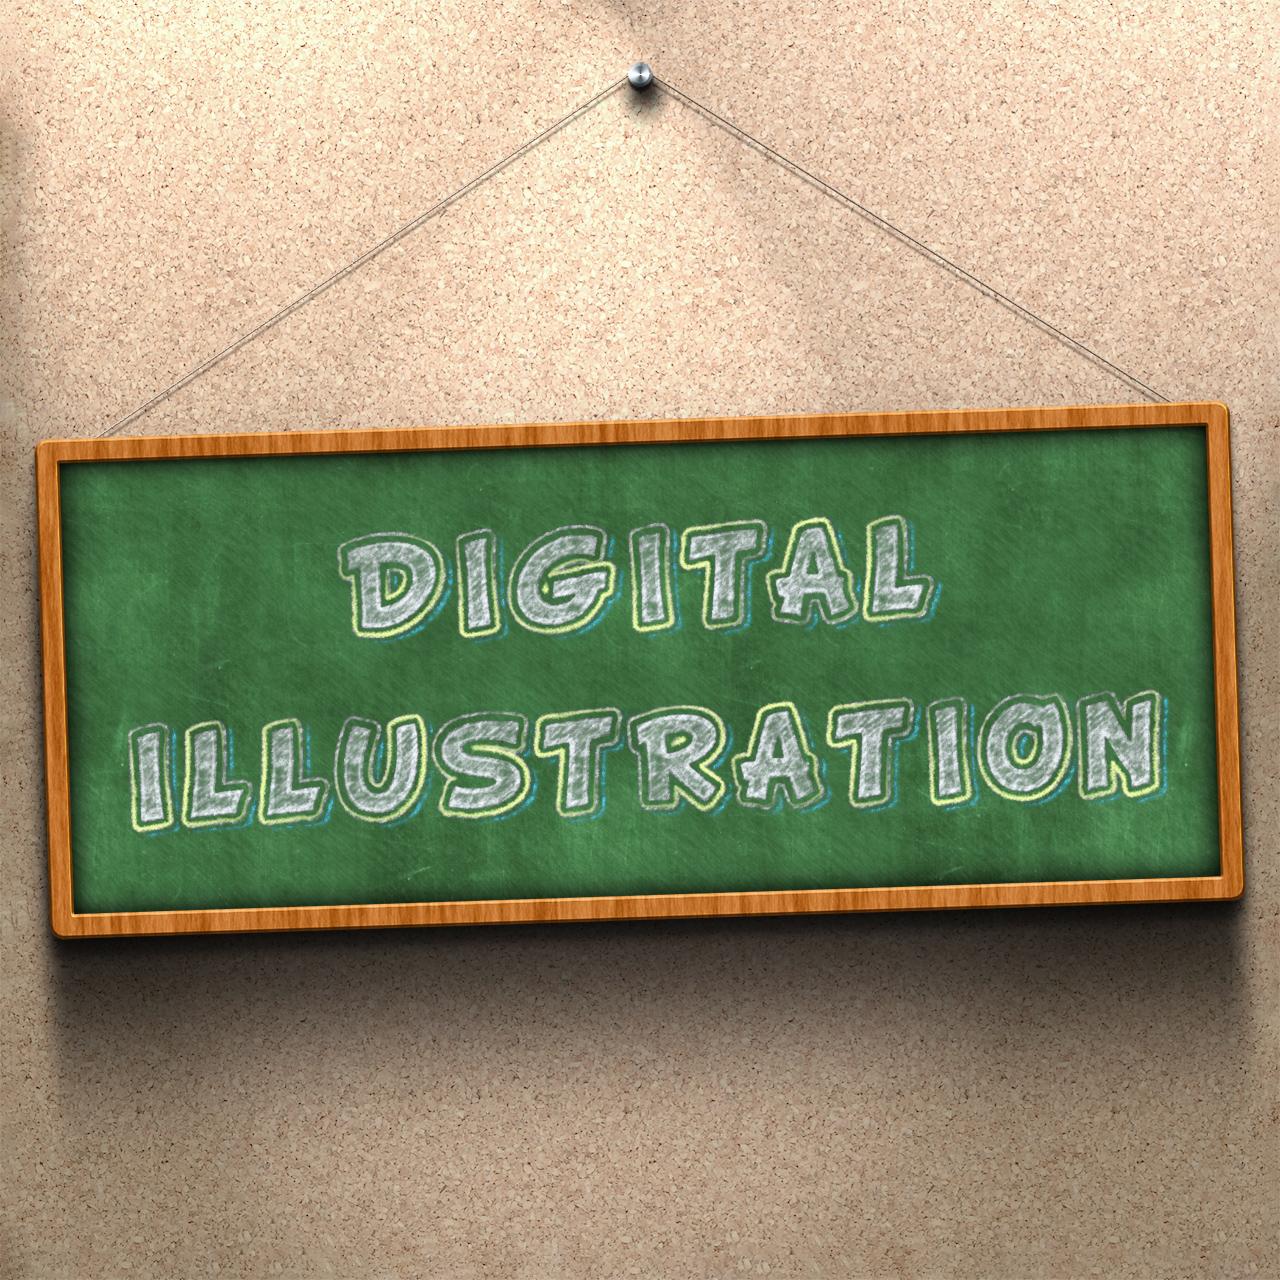 digitalillustration_chalkboardsign-sm2.jpg